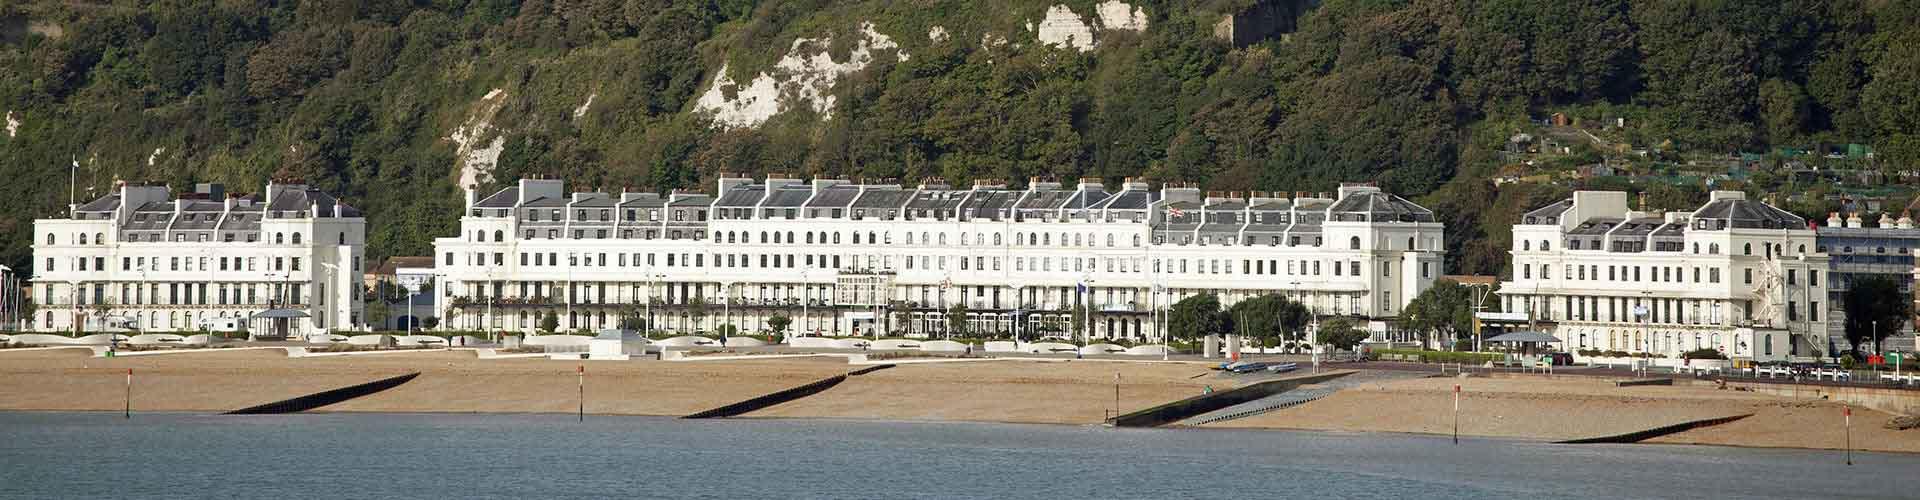 Dover - Hoteles baratos en Dover. Mapas de Dover, Fotos y comentarios de cada Hotel en Dover.